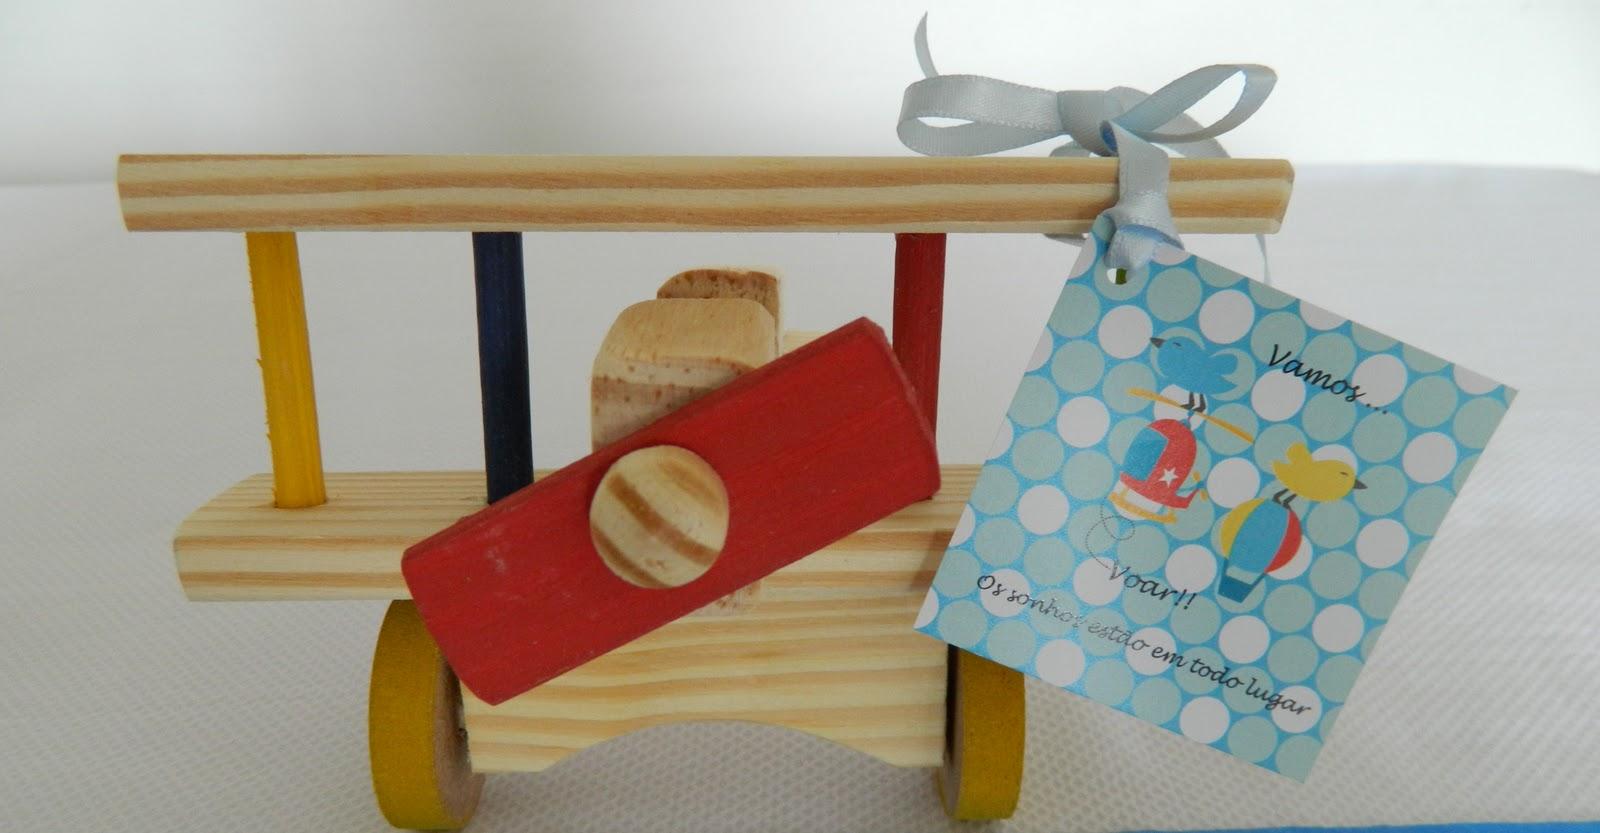 avião de madeira (pequeno) Lembrancinha centro de mesa decoração #852618 1600x833